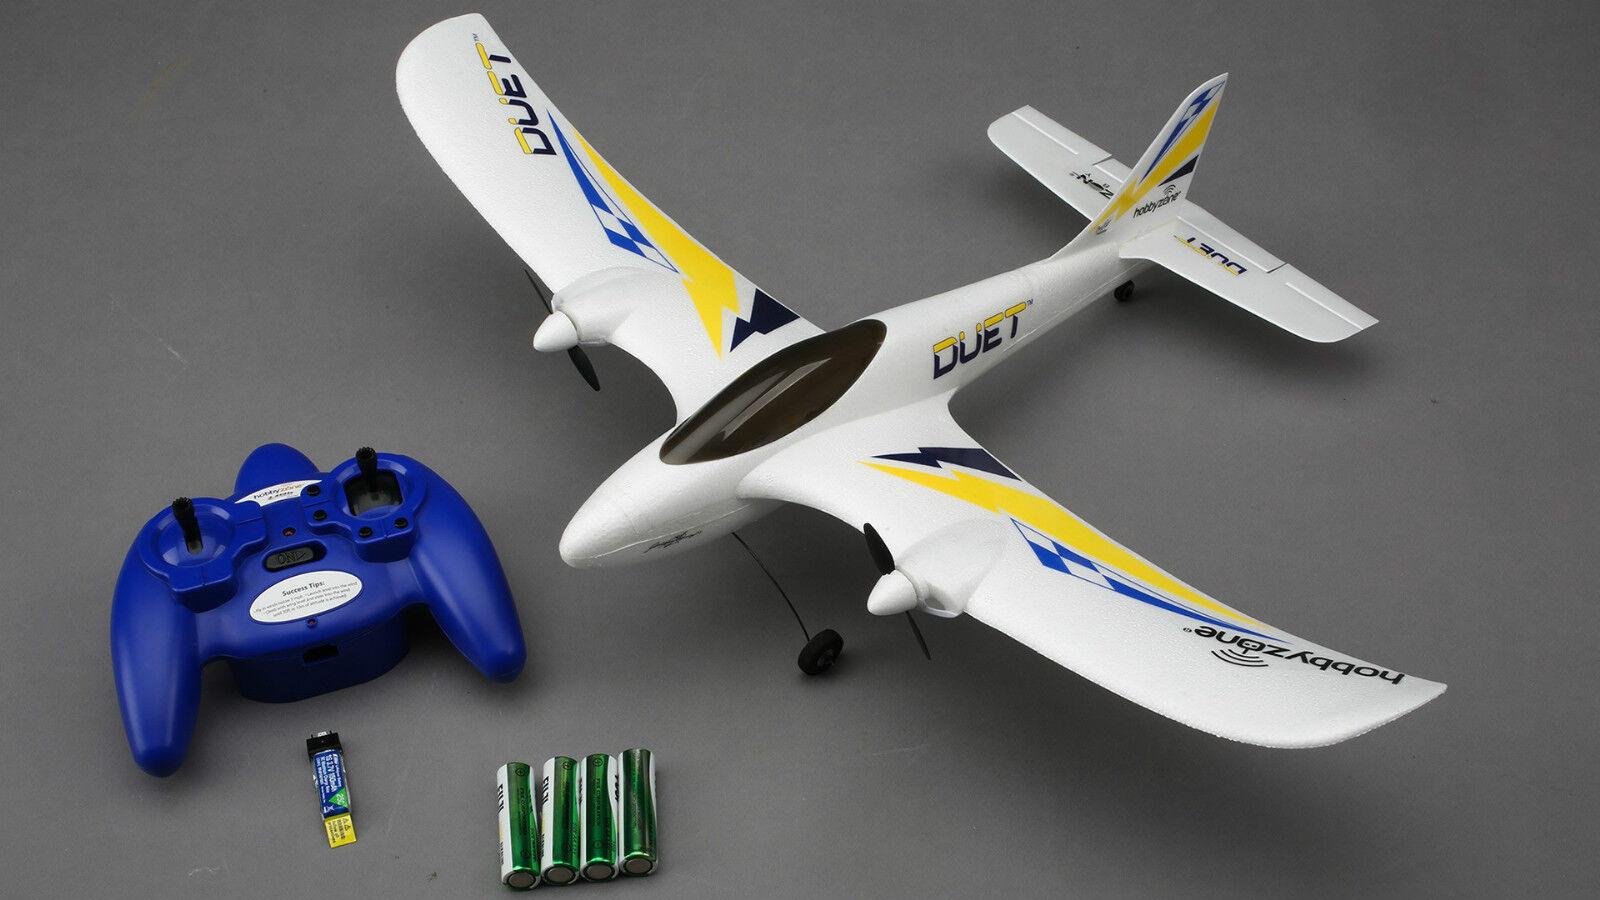 Horizon Hobbyzone Principiantes RTF Rc Modelo Avión   Duet   con 2,4Ghz, Motor,